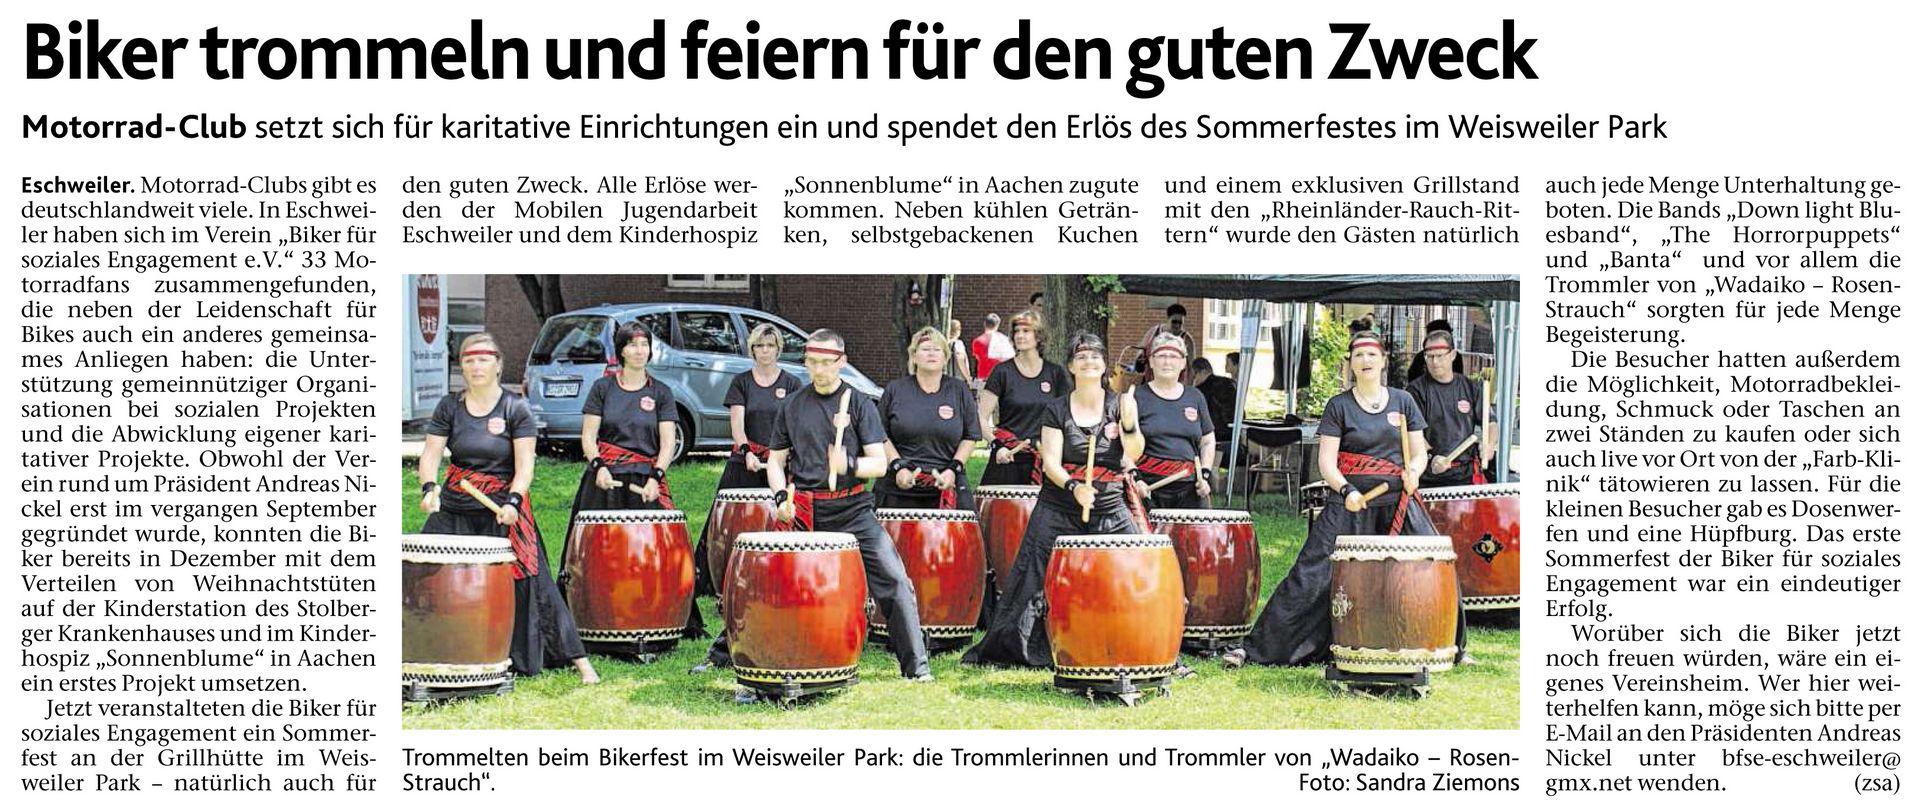 Sommerfest der Biker für Soziales Engagement e. V.